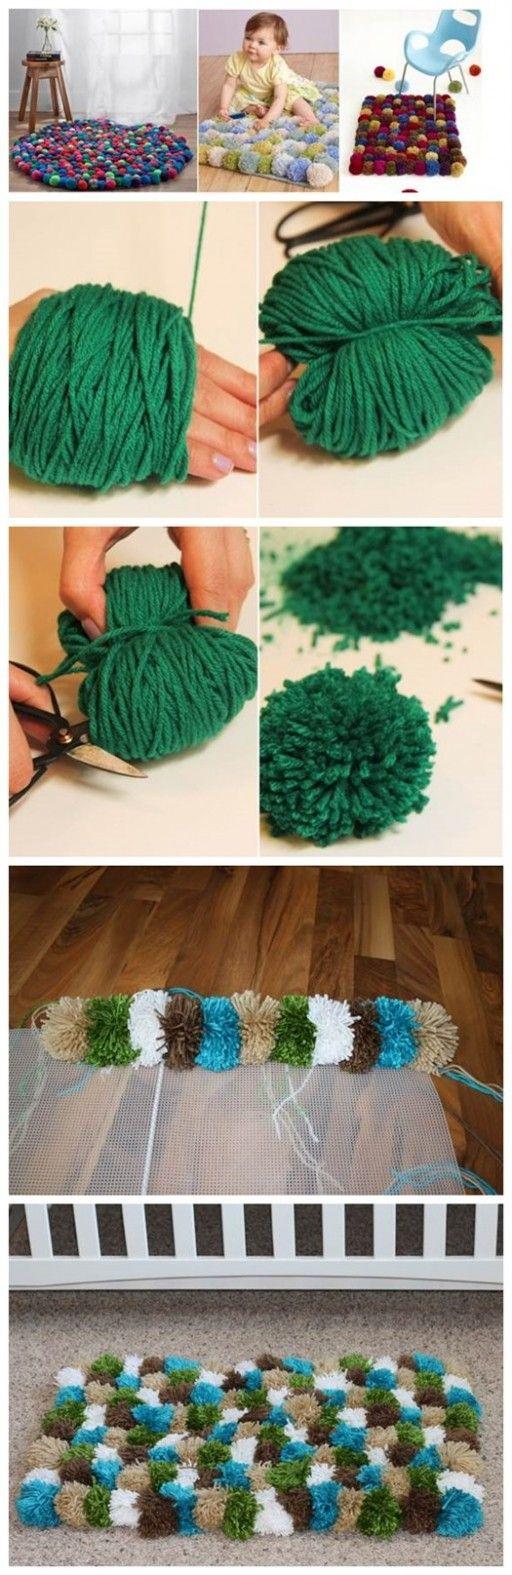 How To Make DIY Pom Pom Rugs Tutorial | DIY Tag